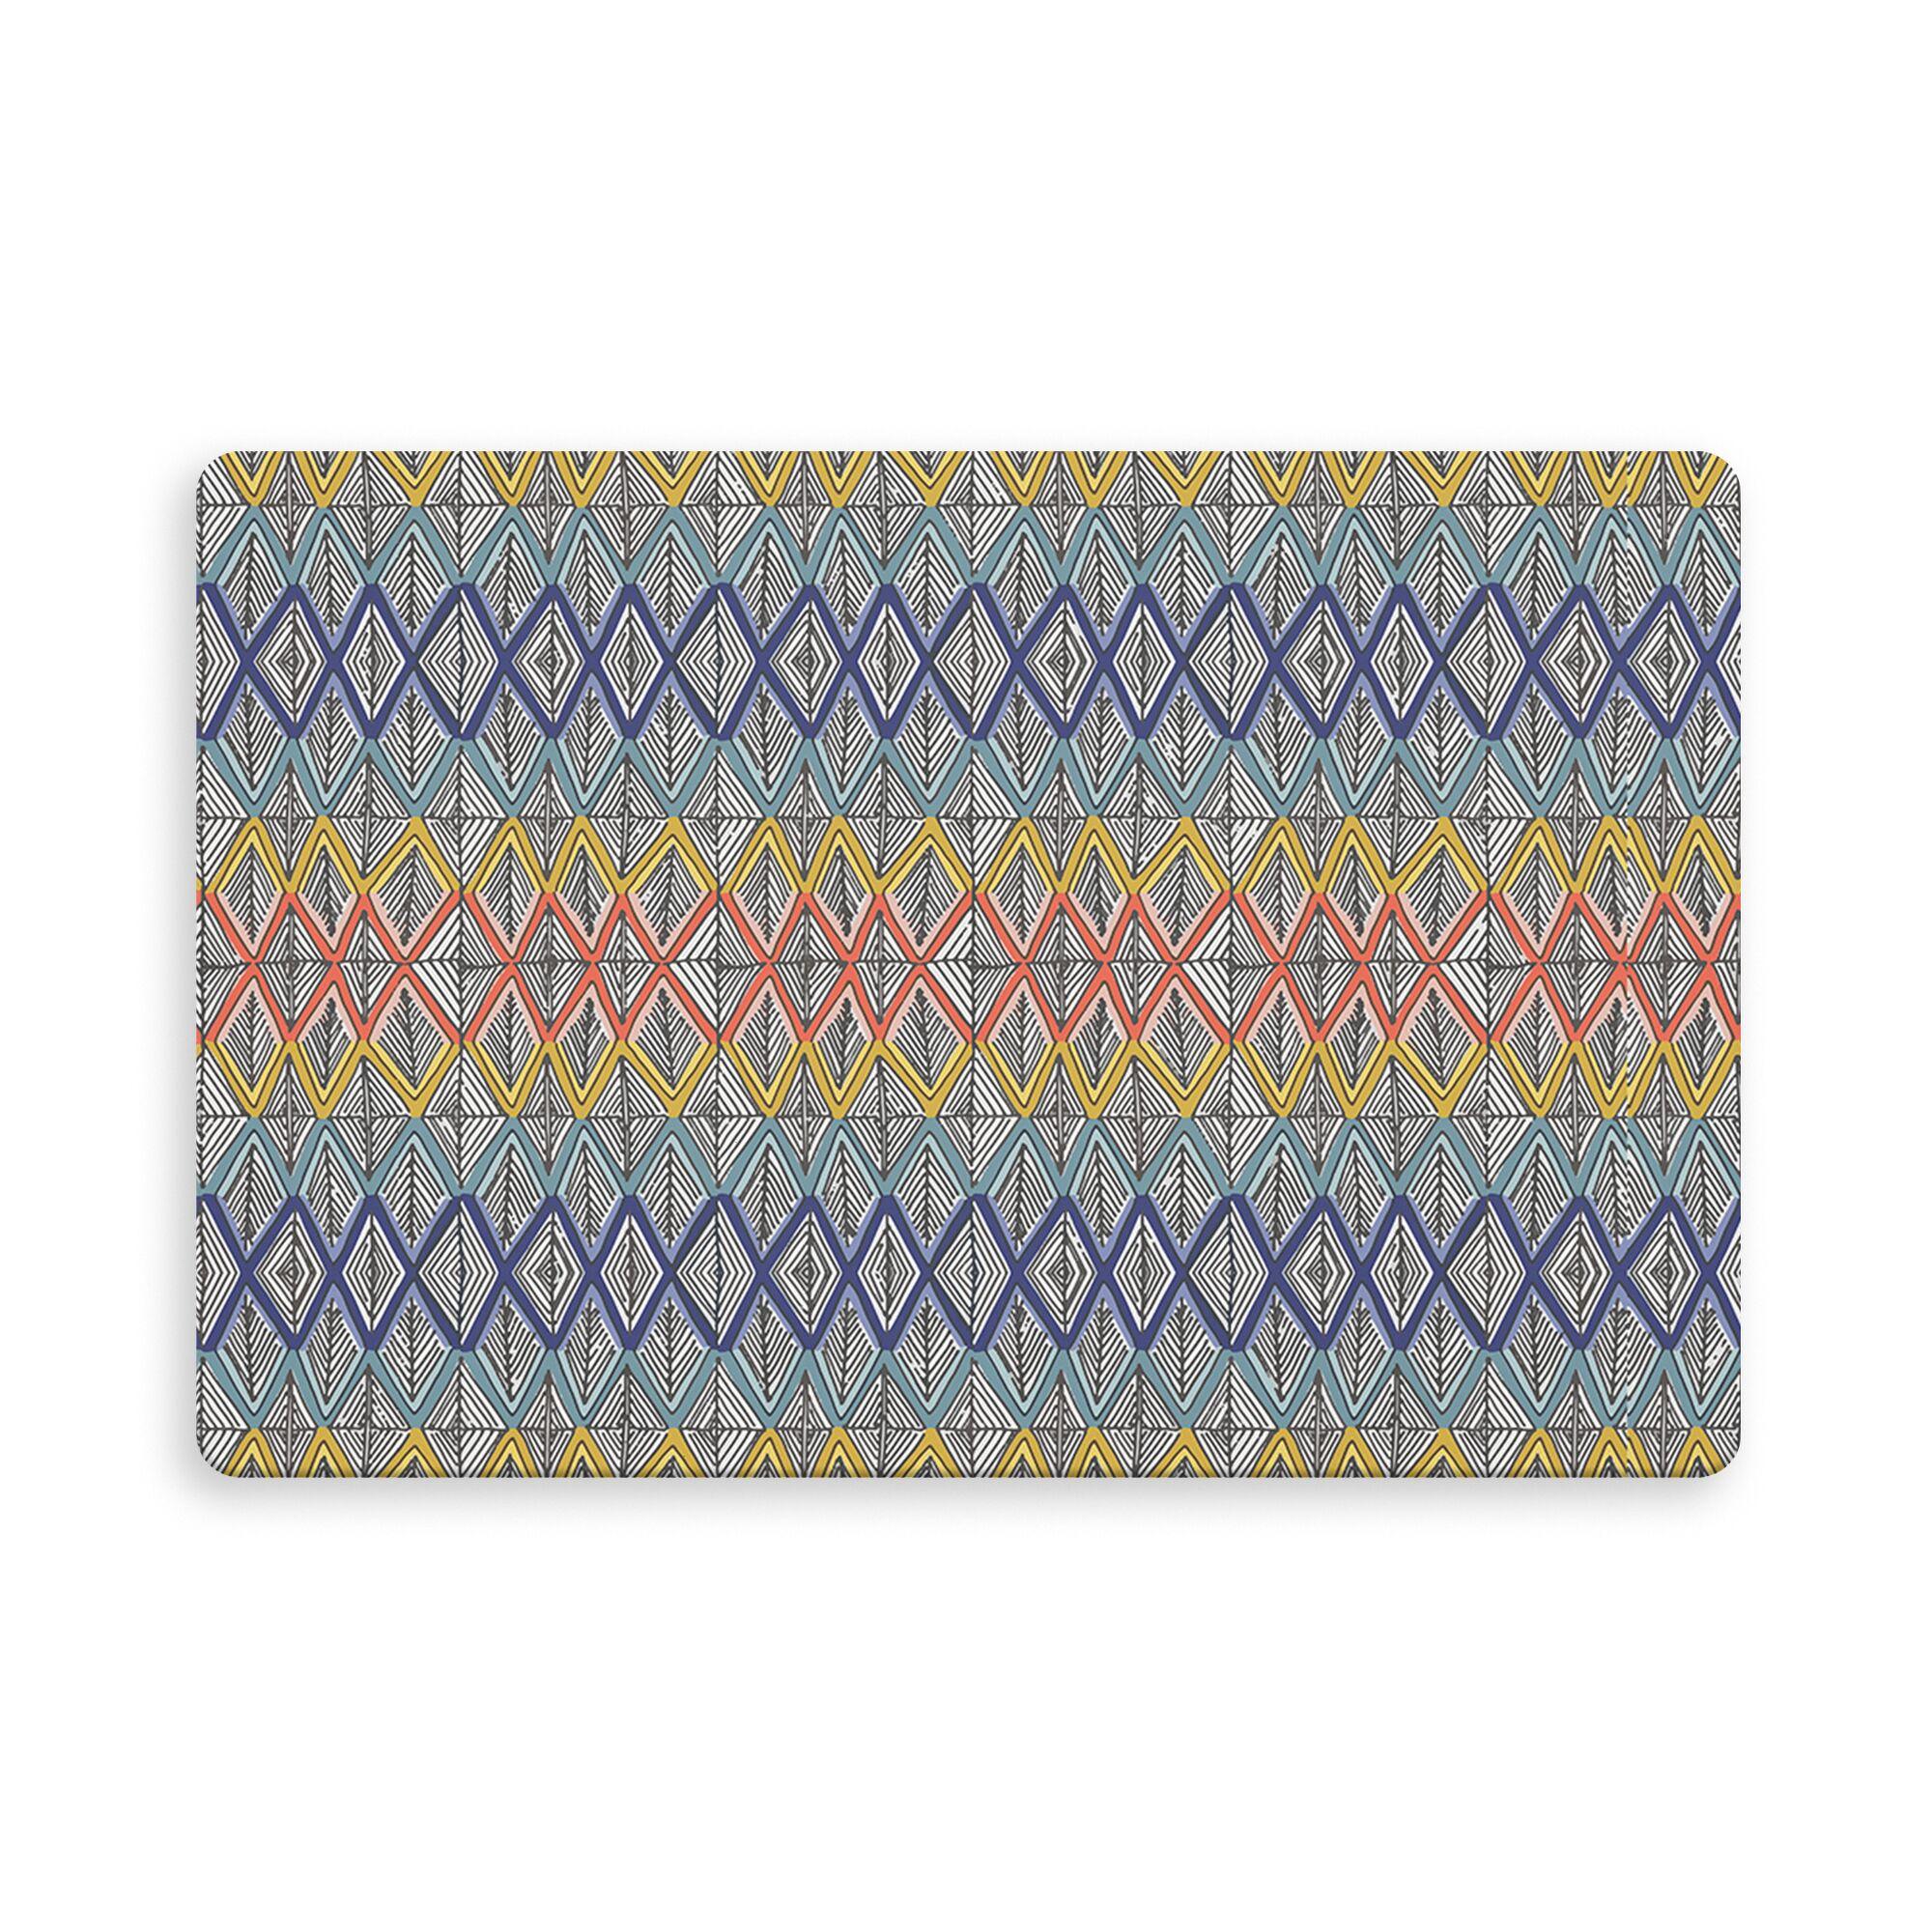 Crumley Mantz Indoor/Outdoor Doormat Mat Size: Rectangle 2'6